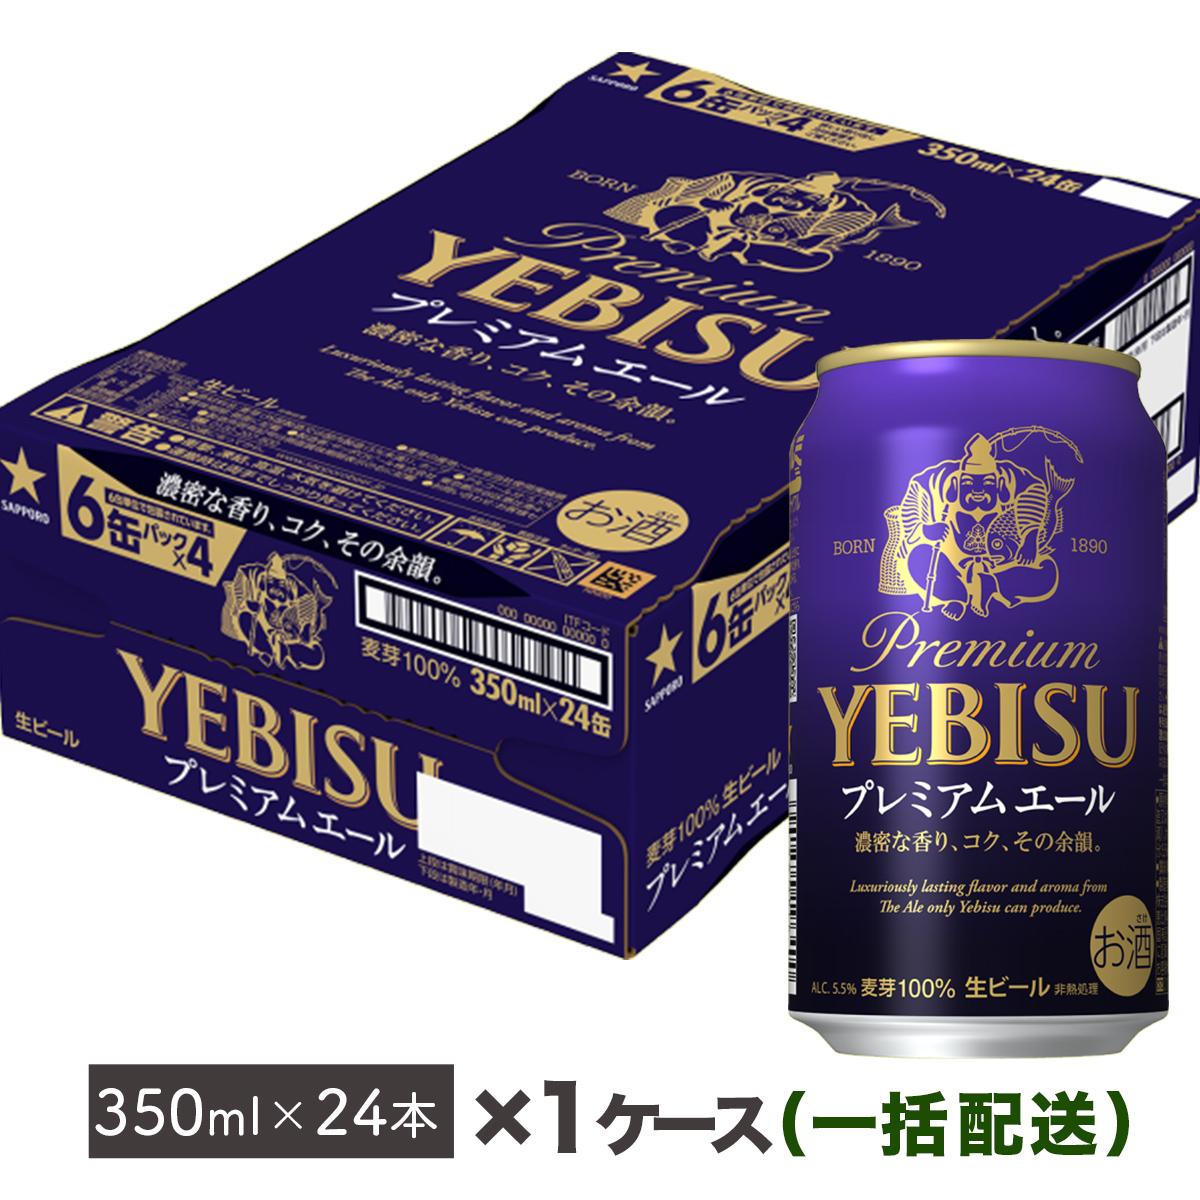 【ふるさと納税】ヱビス プレミアムエール ビール 缶350ml×24本(1ケース)